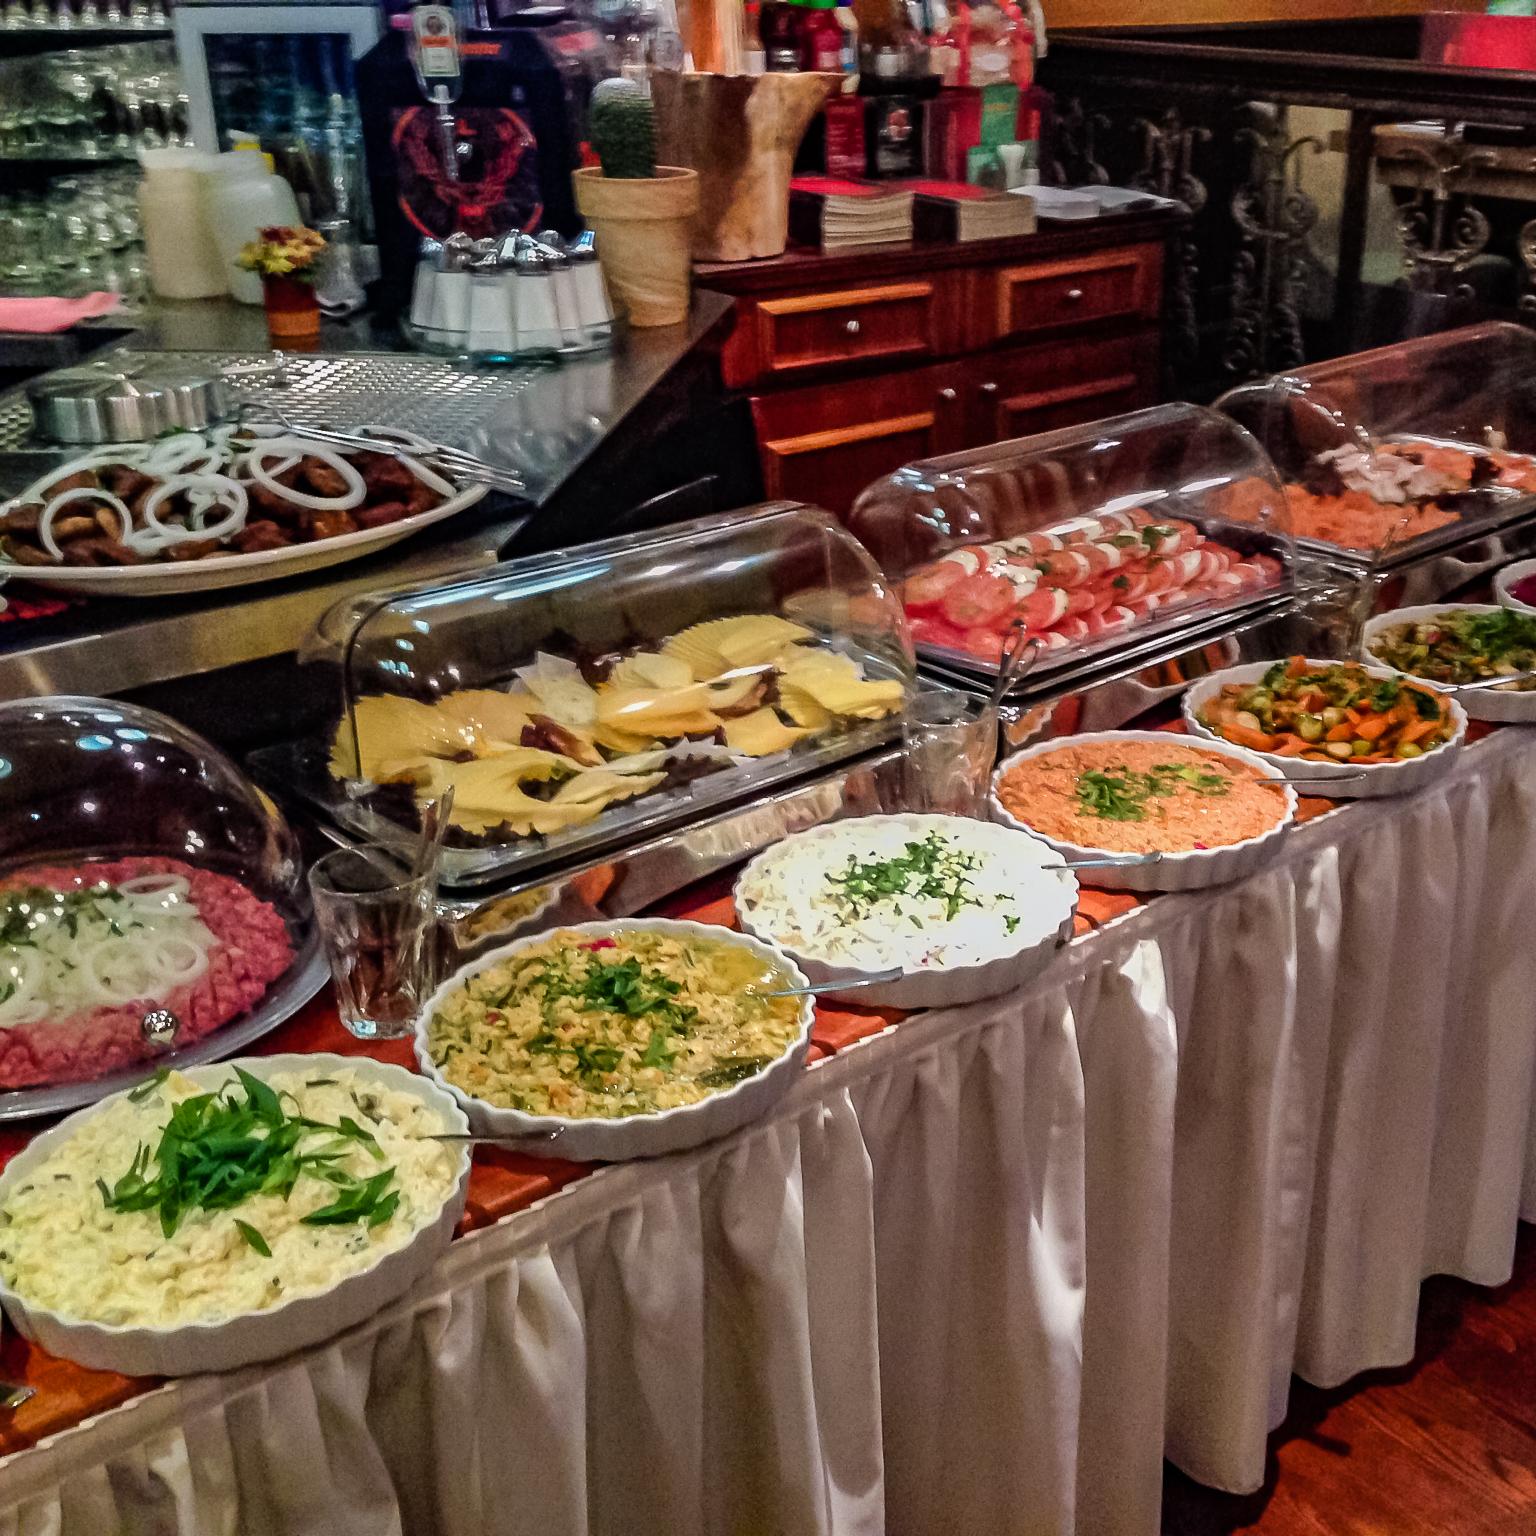 Eckstein-Restaurant-Eimsbüttel-Burger-Steaks-Fisch-Eckstein-Brunch-Buffet-salate